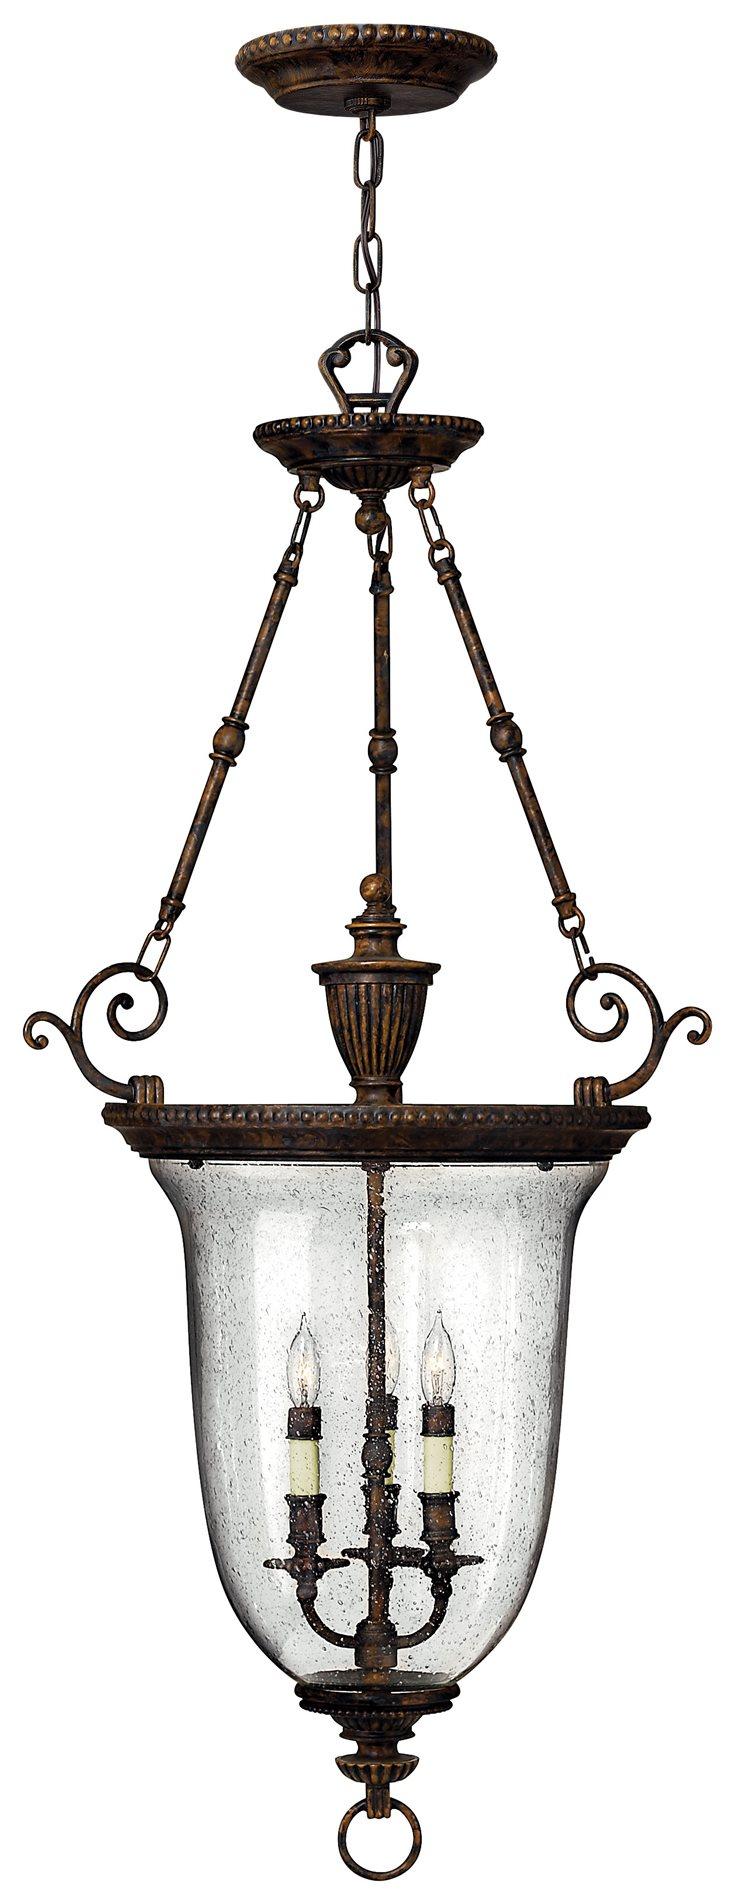 Foyer Lighting Traditional : Hinkley lighting fb rockford traditional foyer light